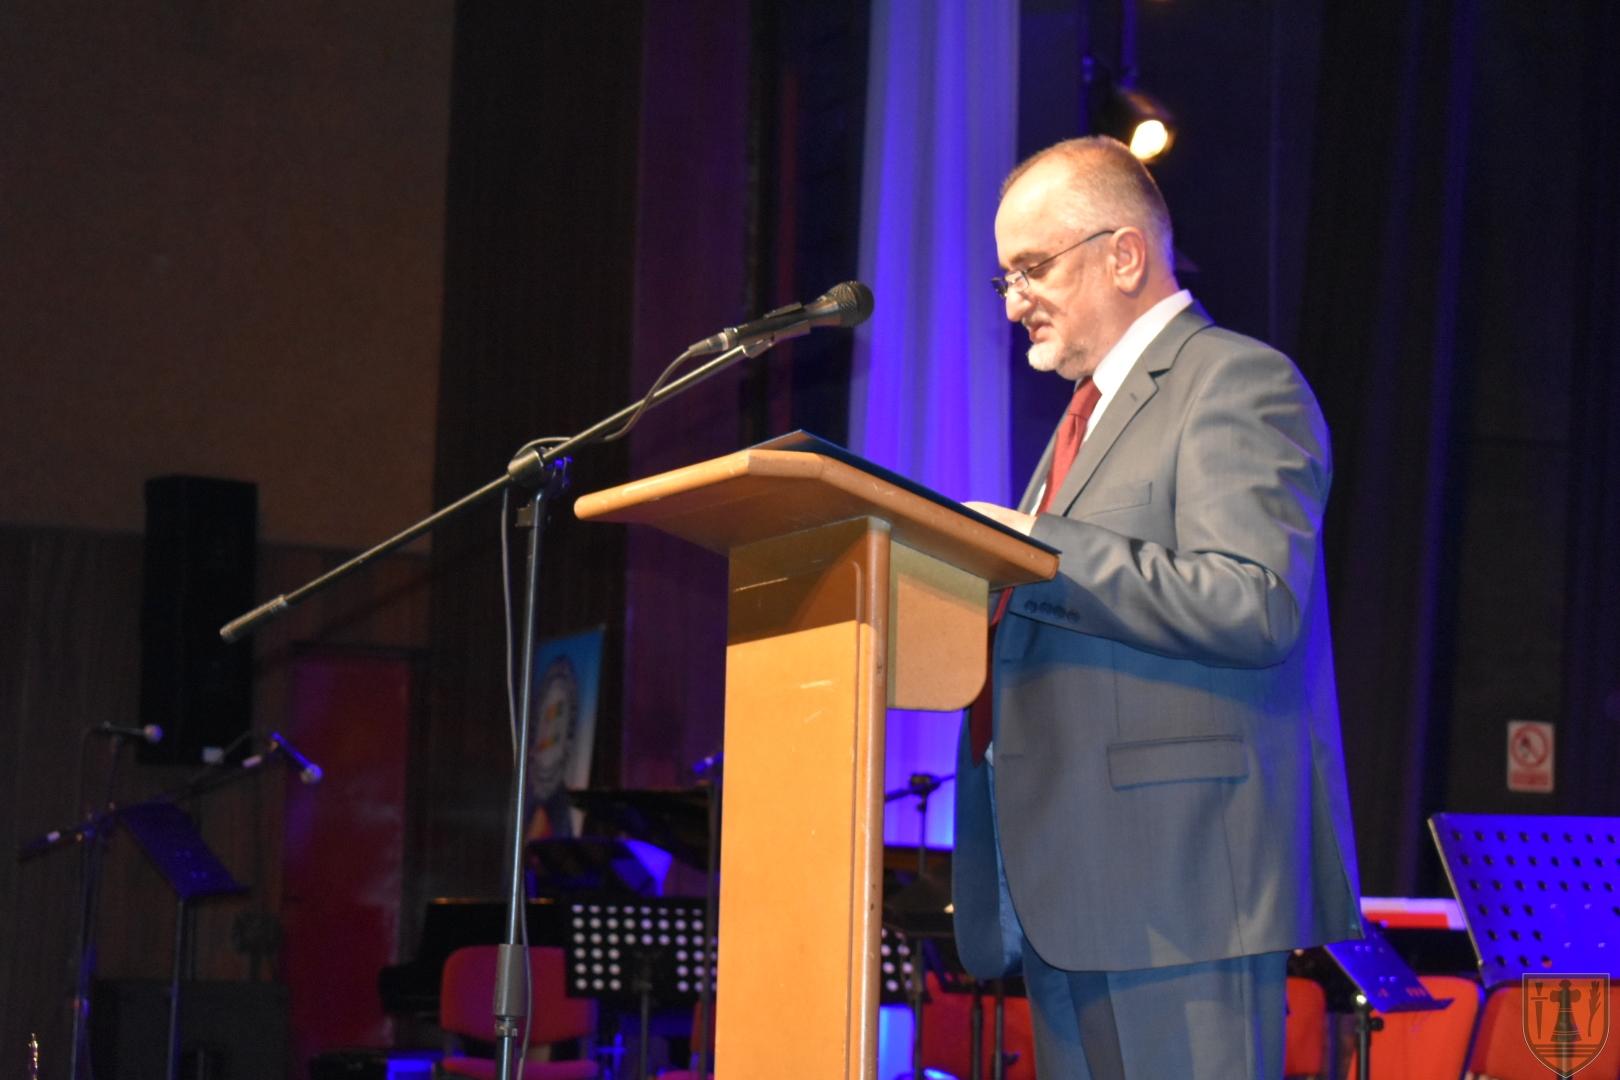 Svečano obeleženo 70 godina postojanja Muzičke škole u Požarevcu 26878